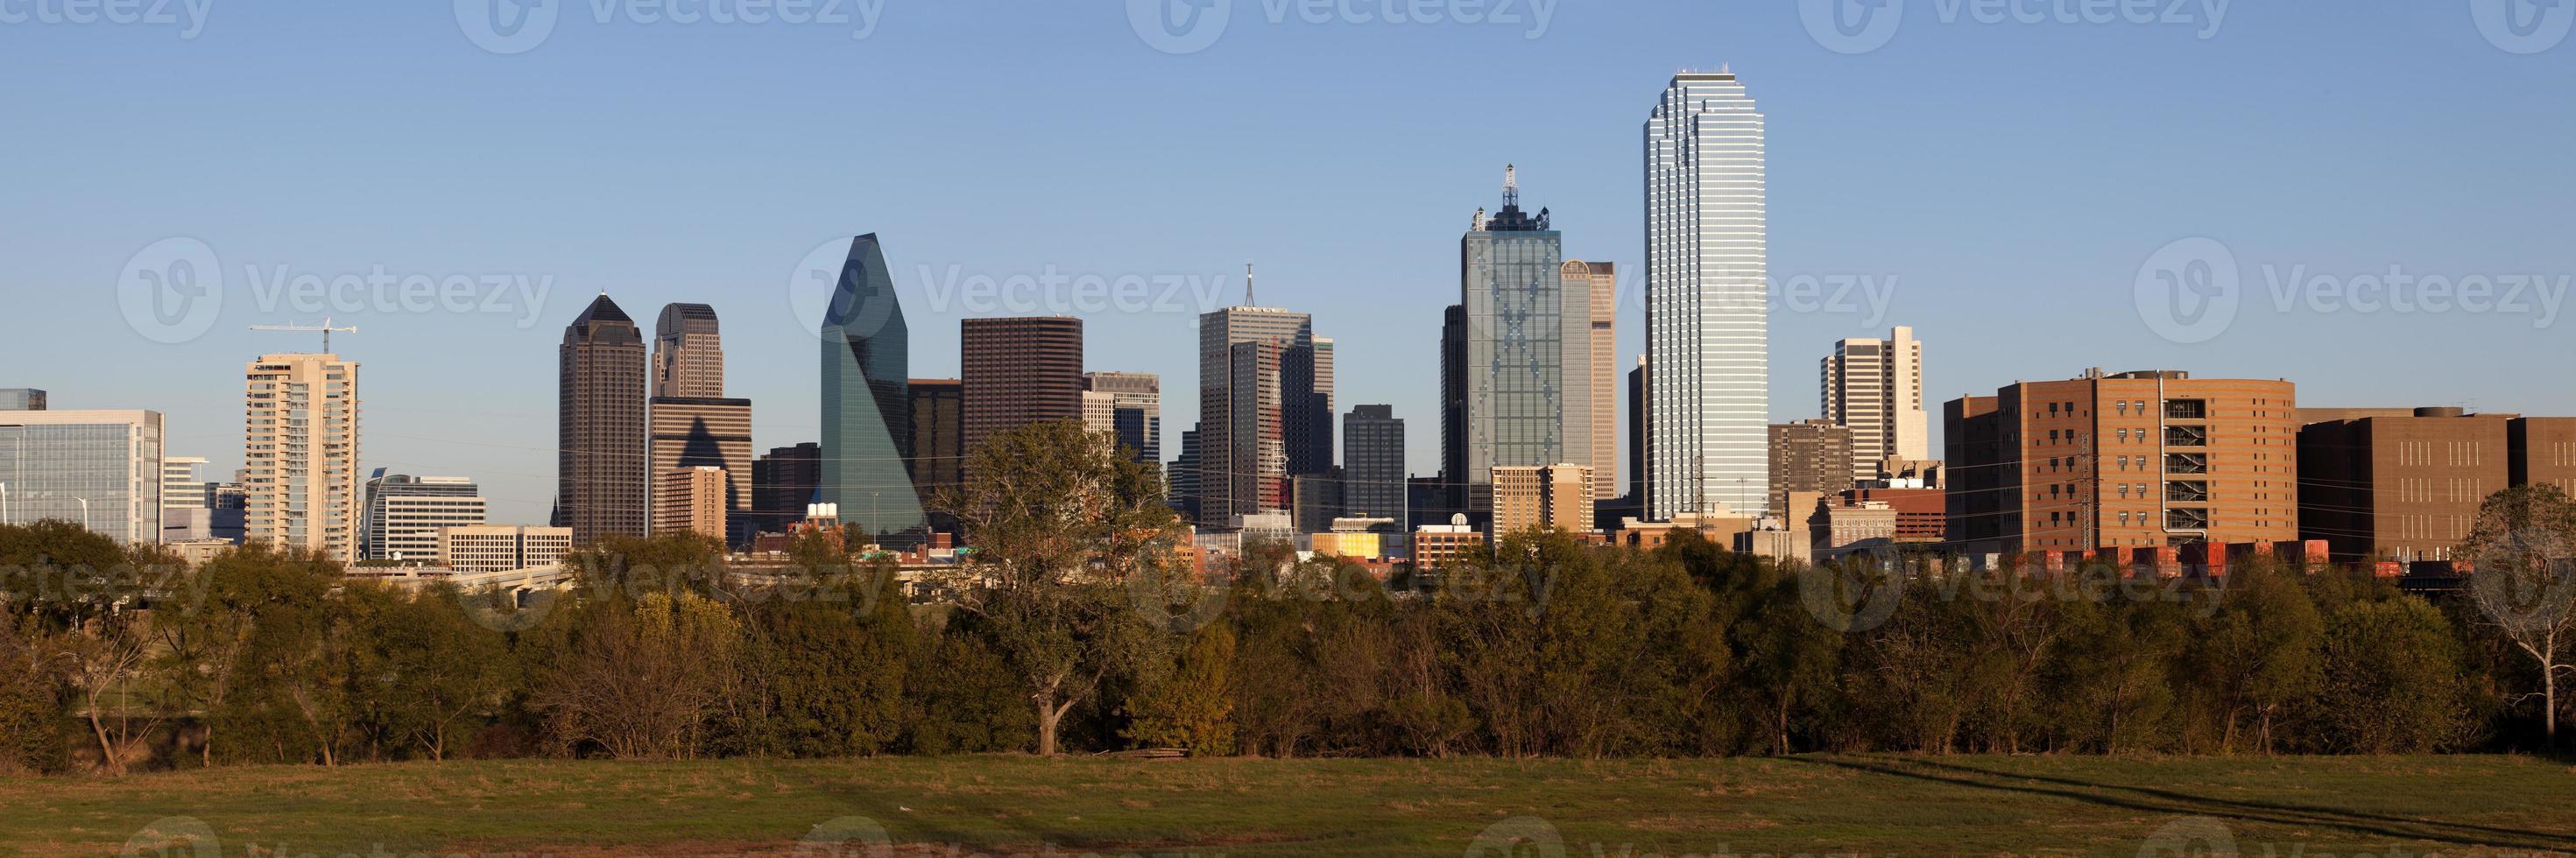 Skyline di Dallas foto